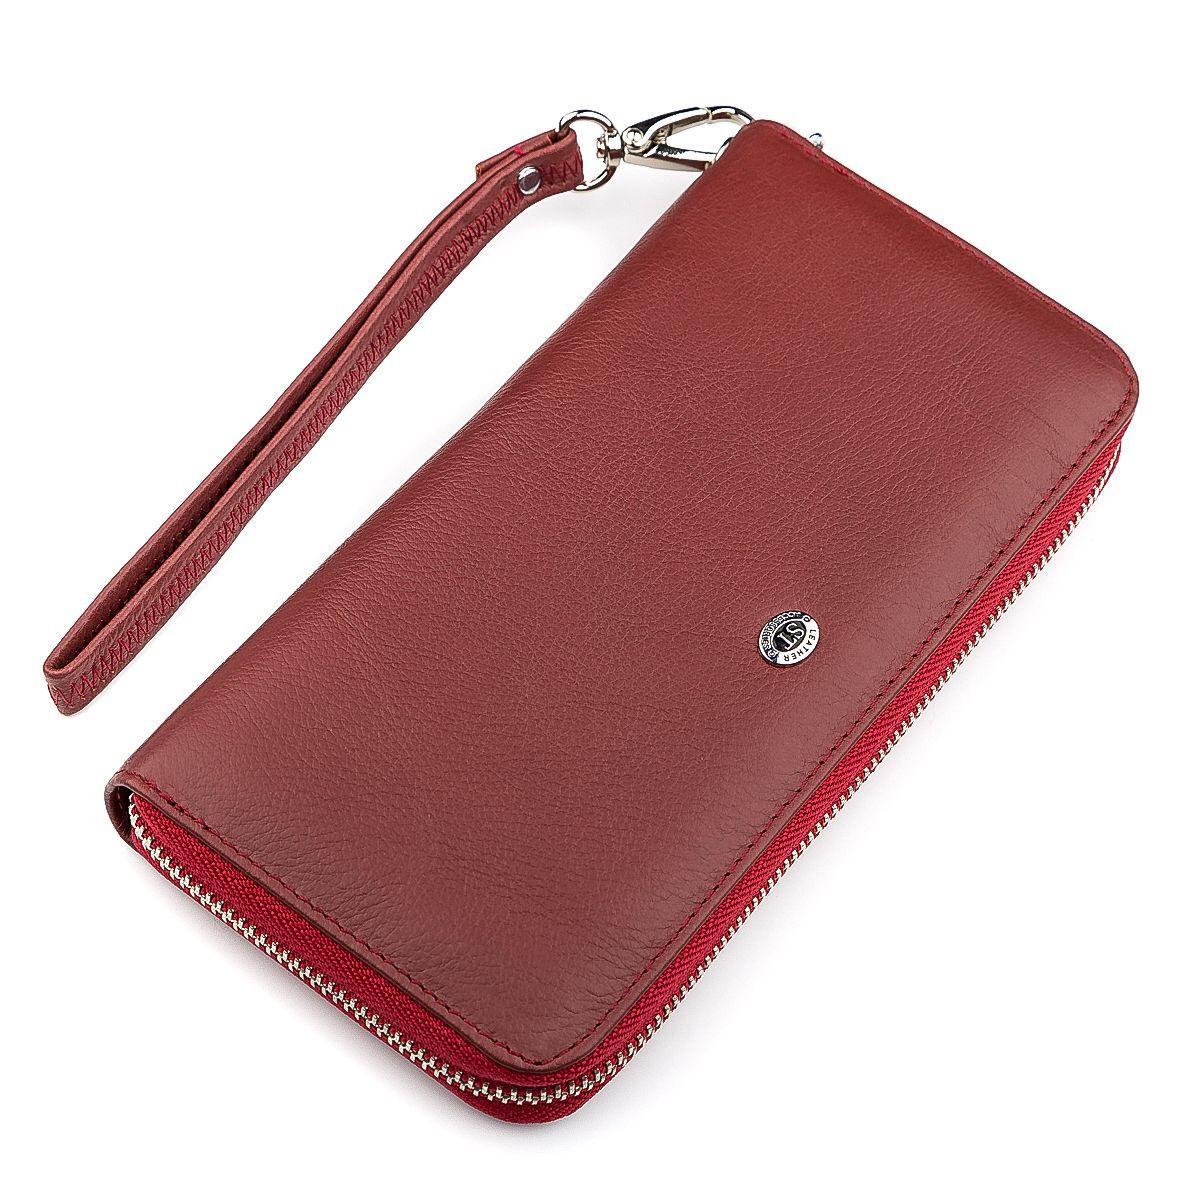 Кошелек Женский St Leather 18419 (St45-2) Очень Надежный Бордовый, Бордовый